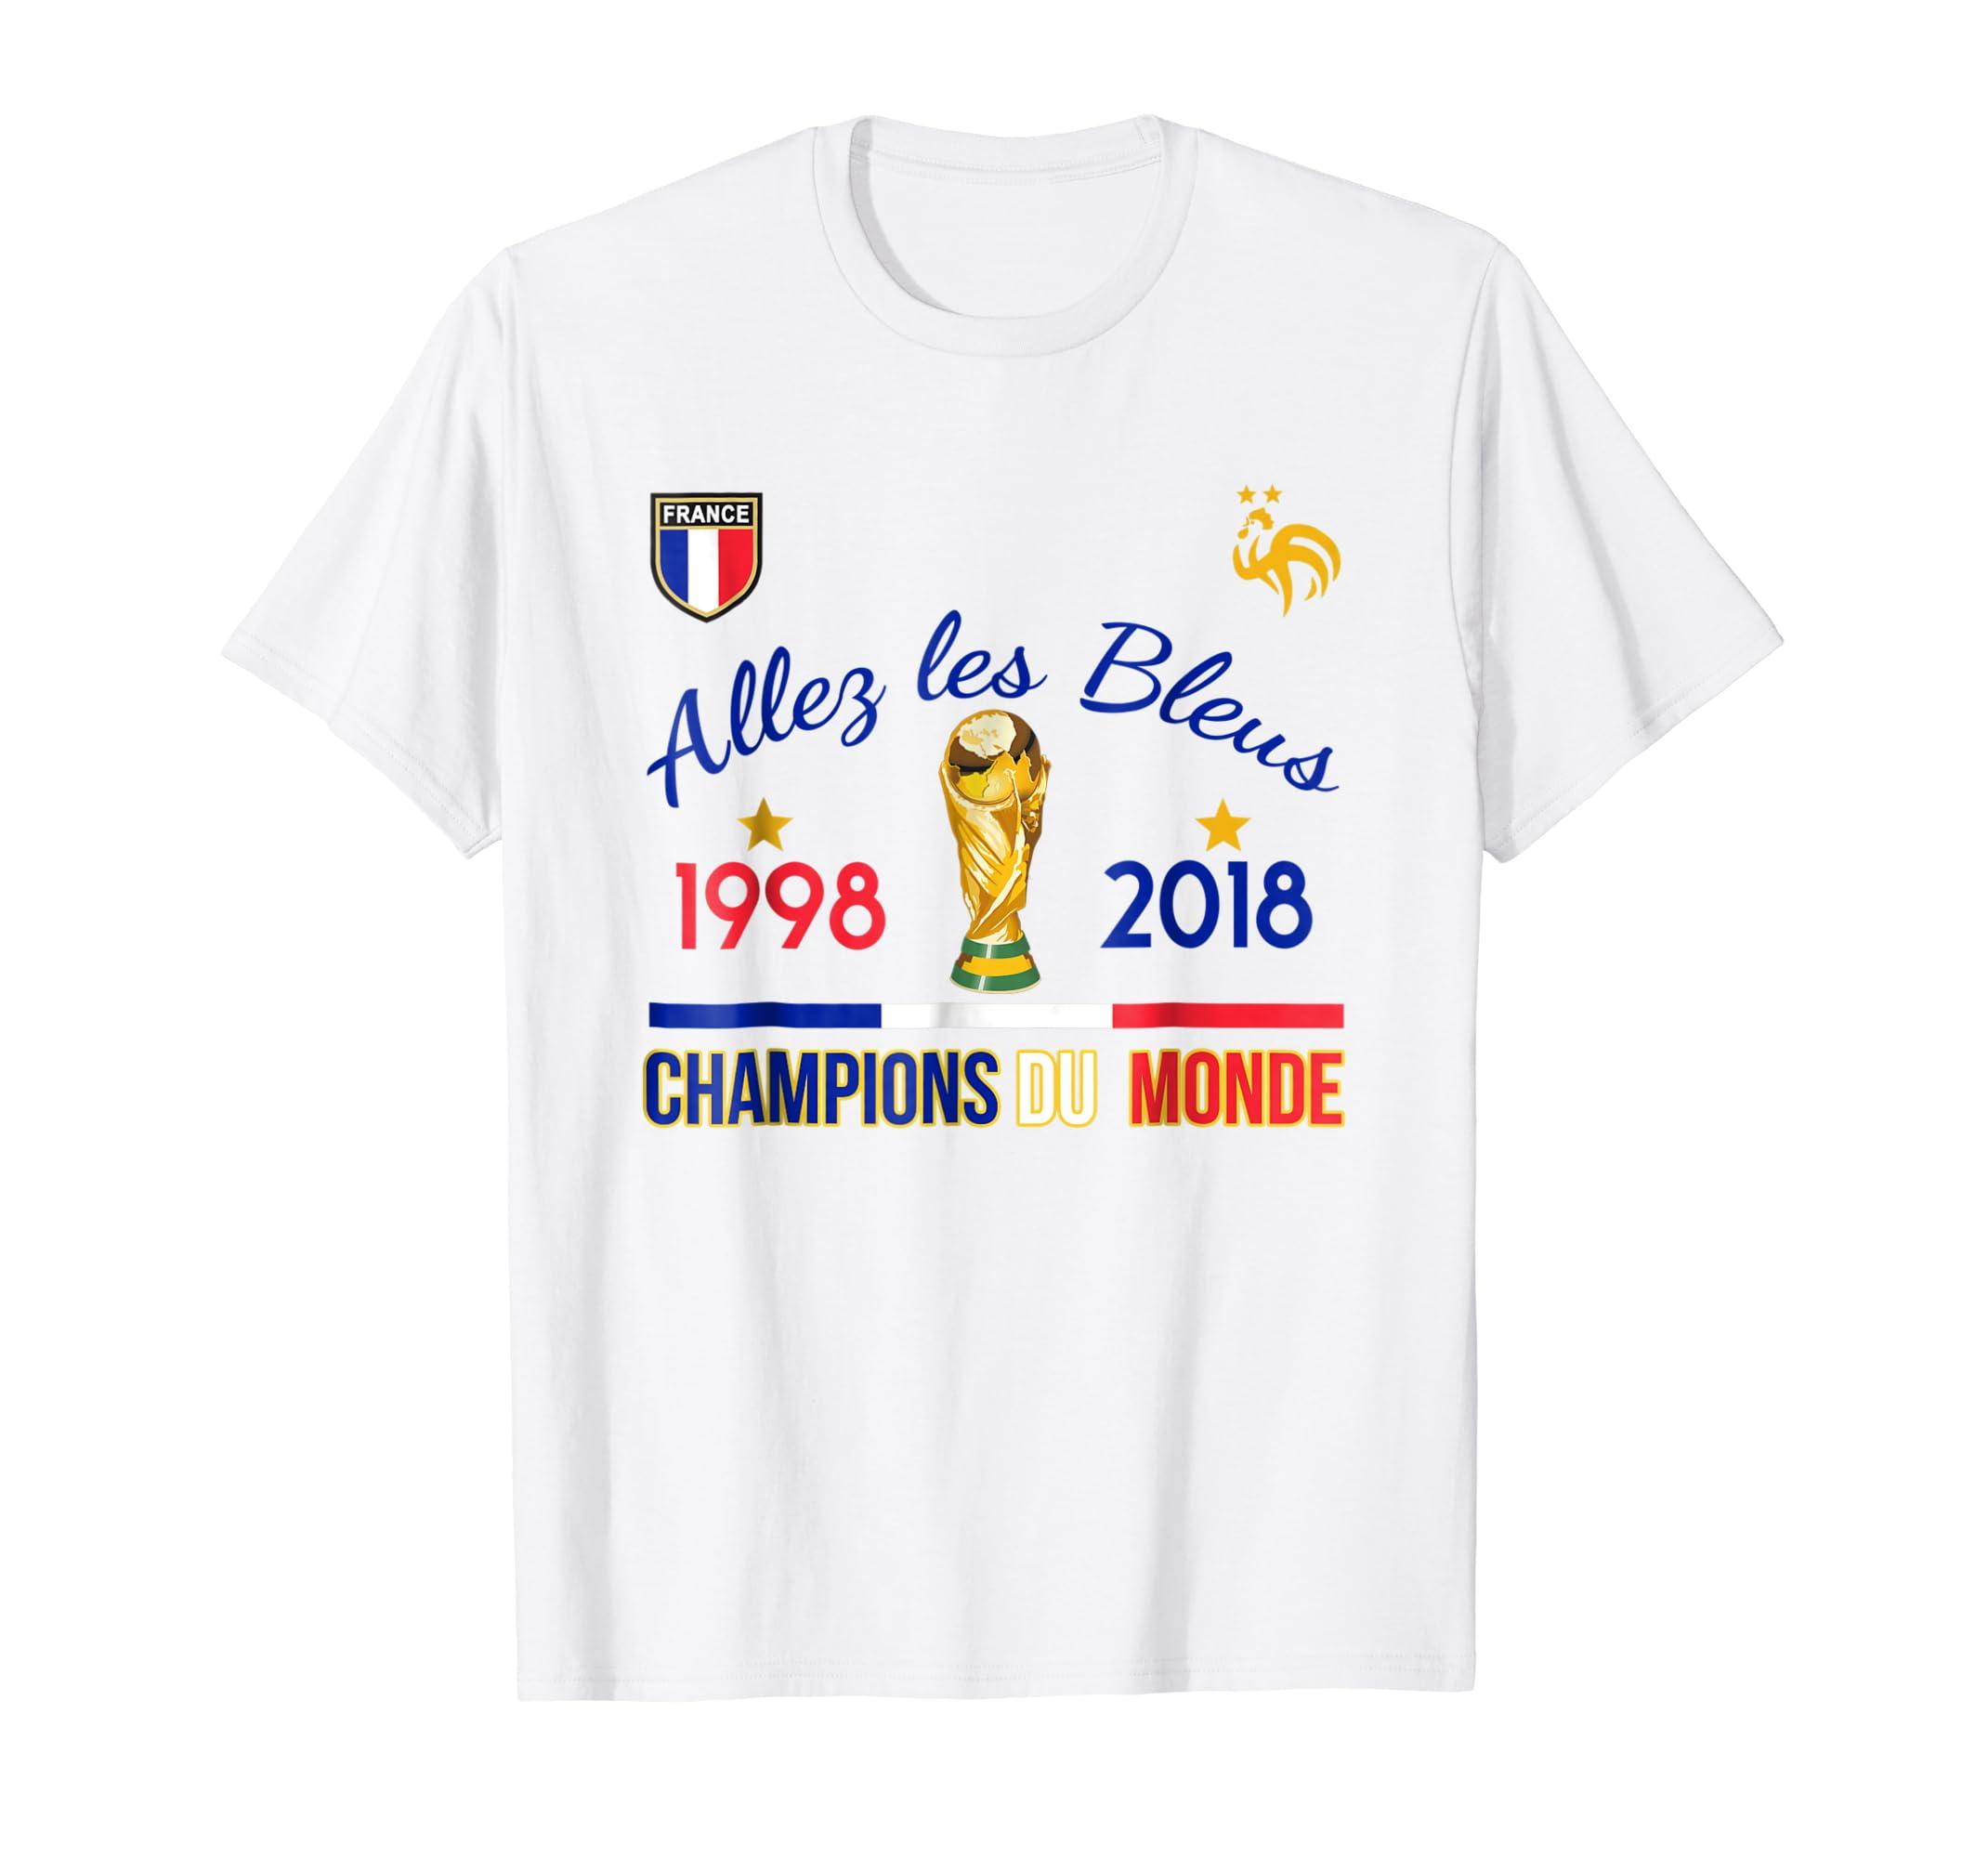 Amazon Com Allez Les Bleus France Champions Du Monde 1998 2018